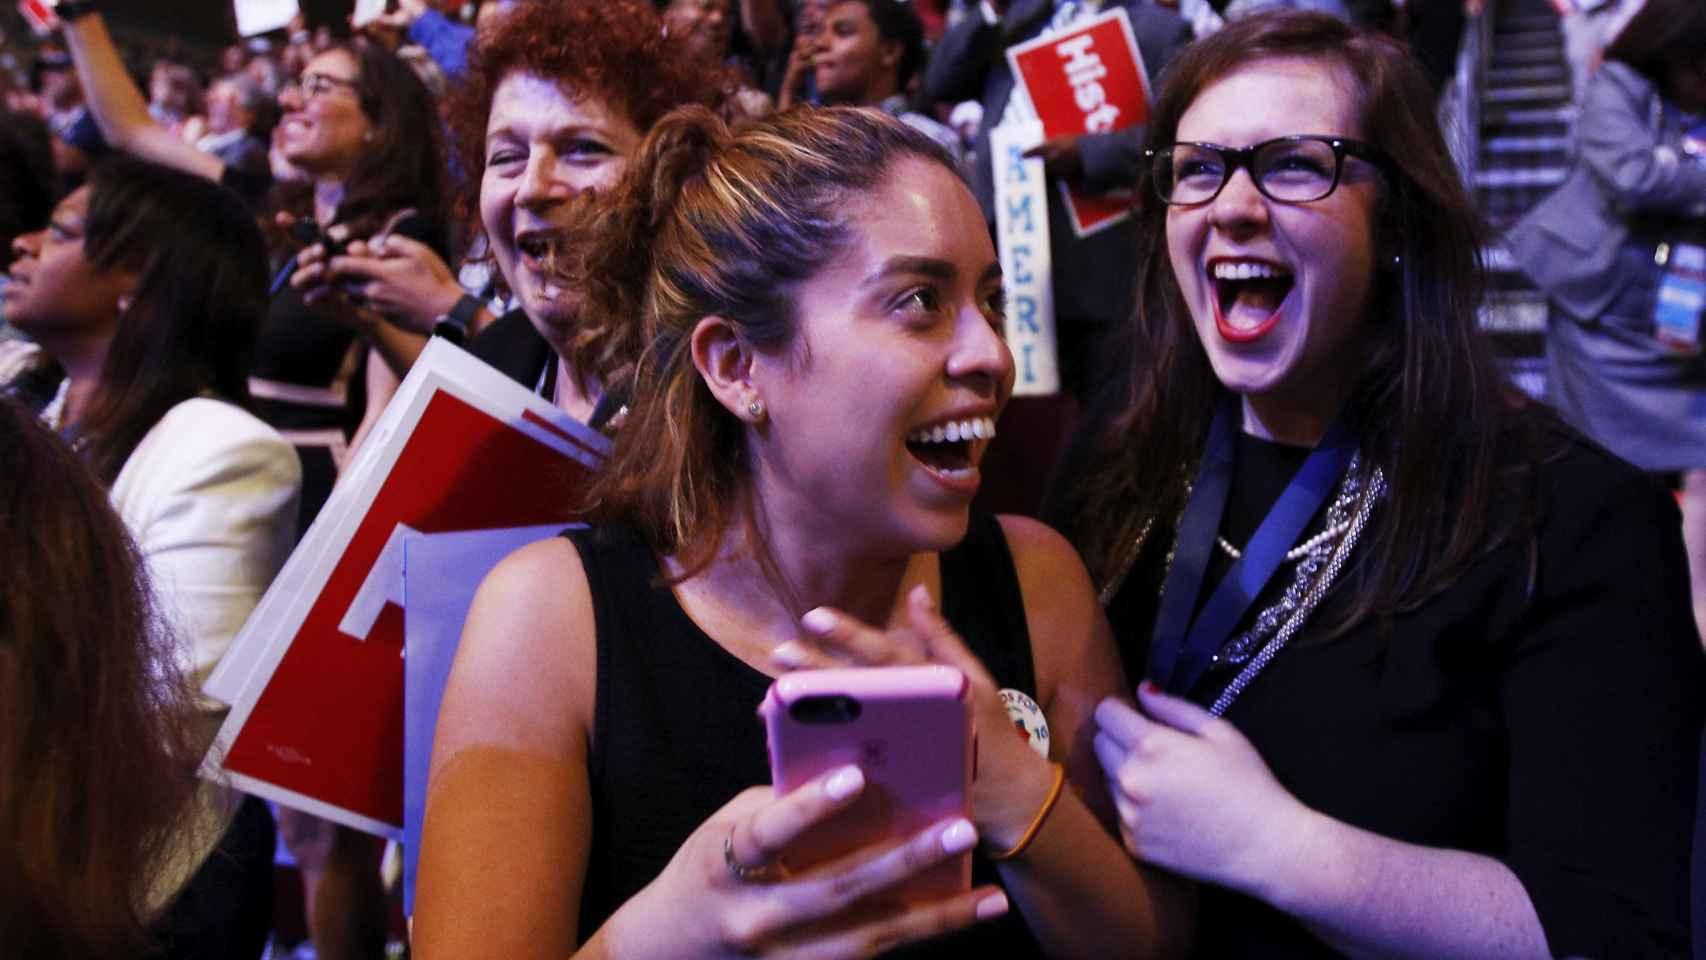 Las seguidoras de Hillary sostienen que es distinta a como la presentan los medios.